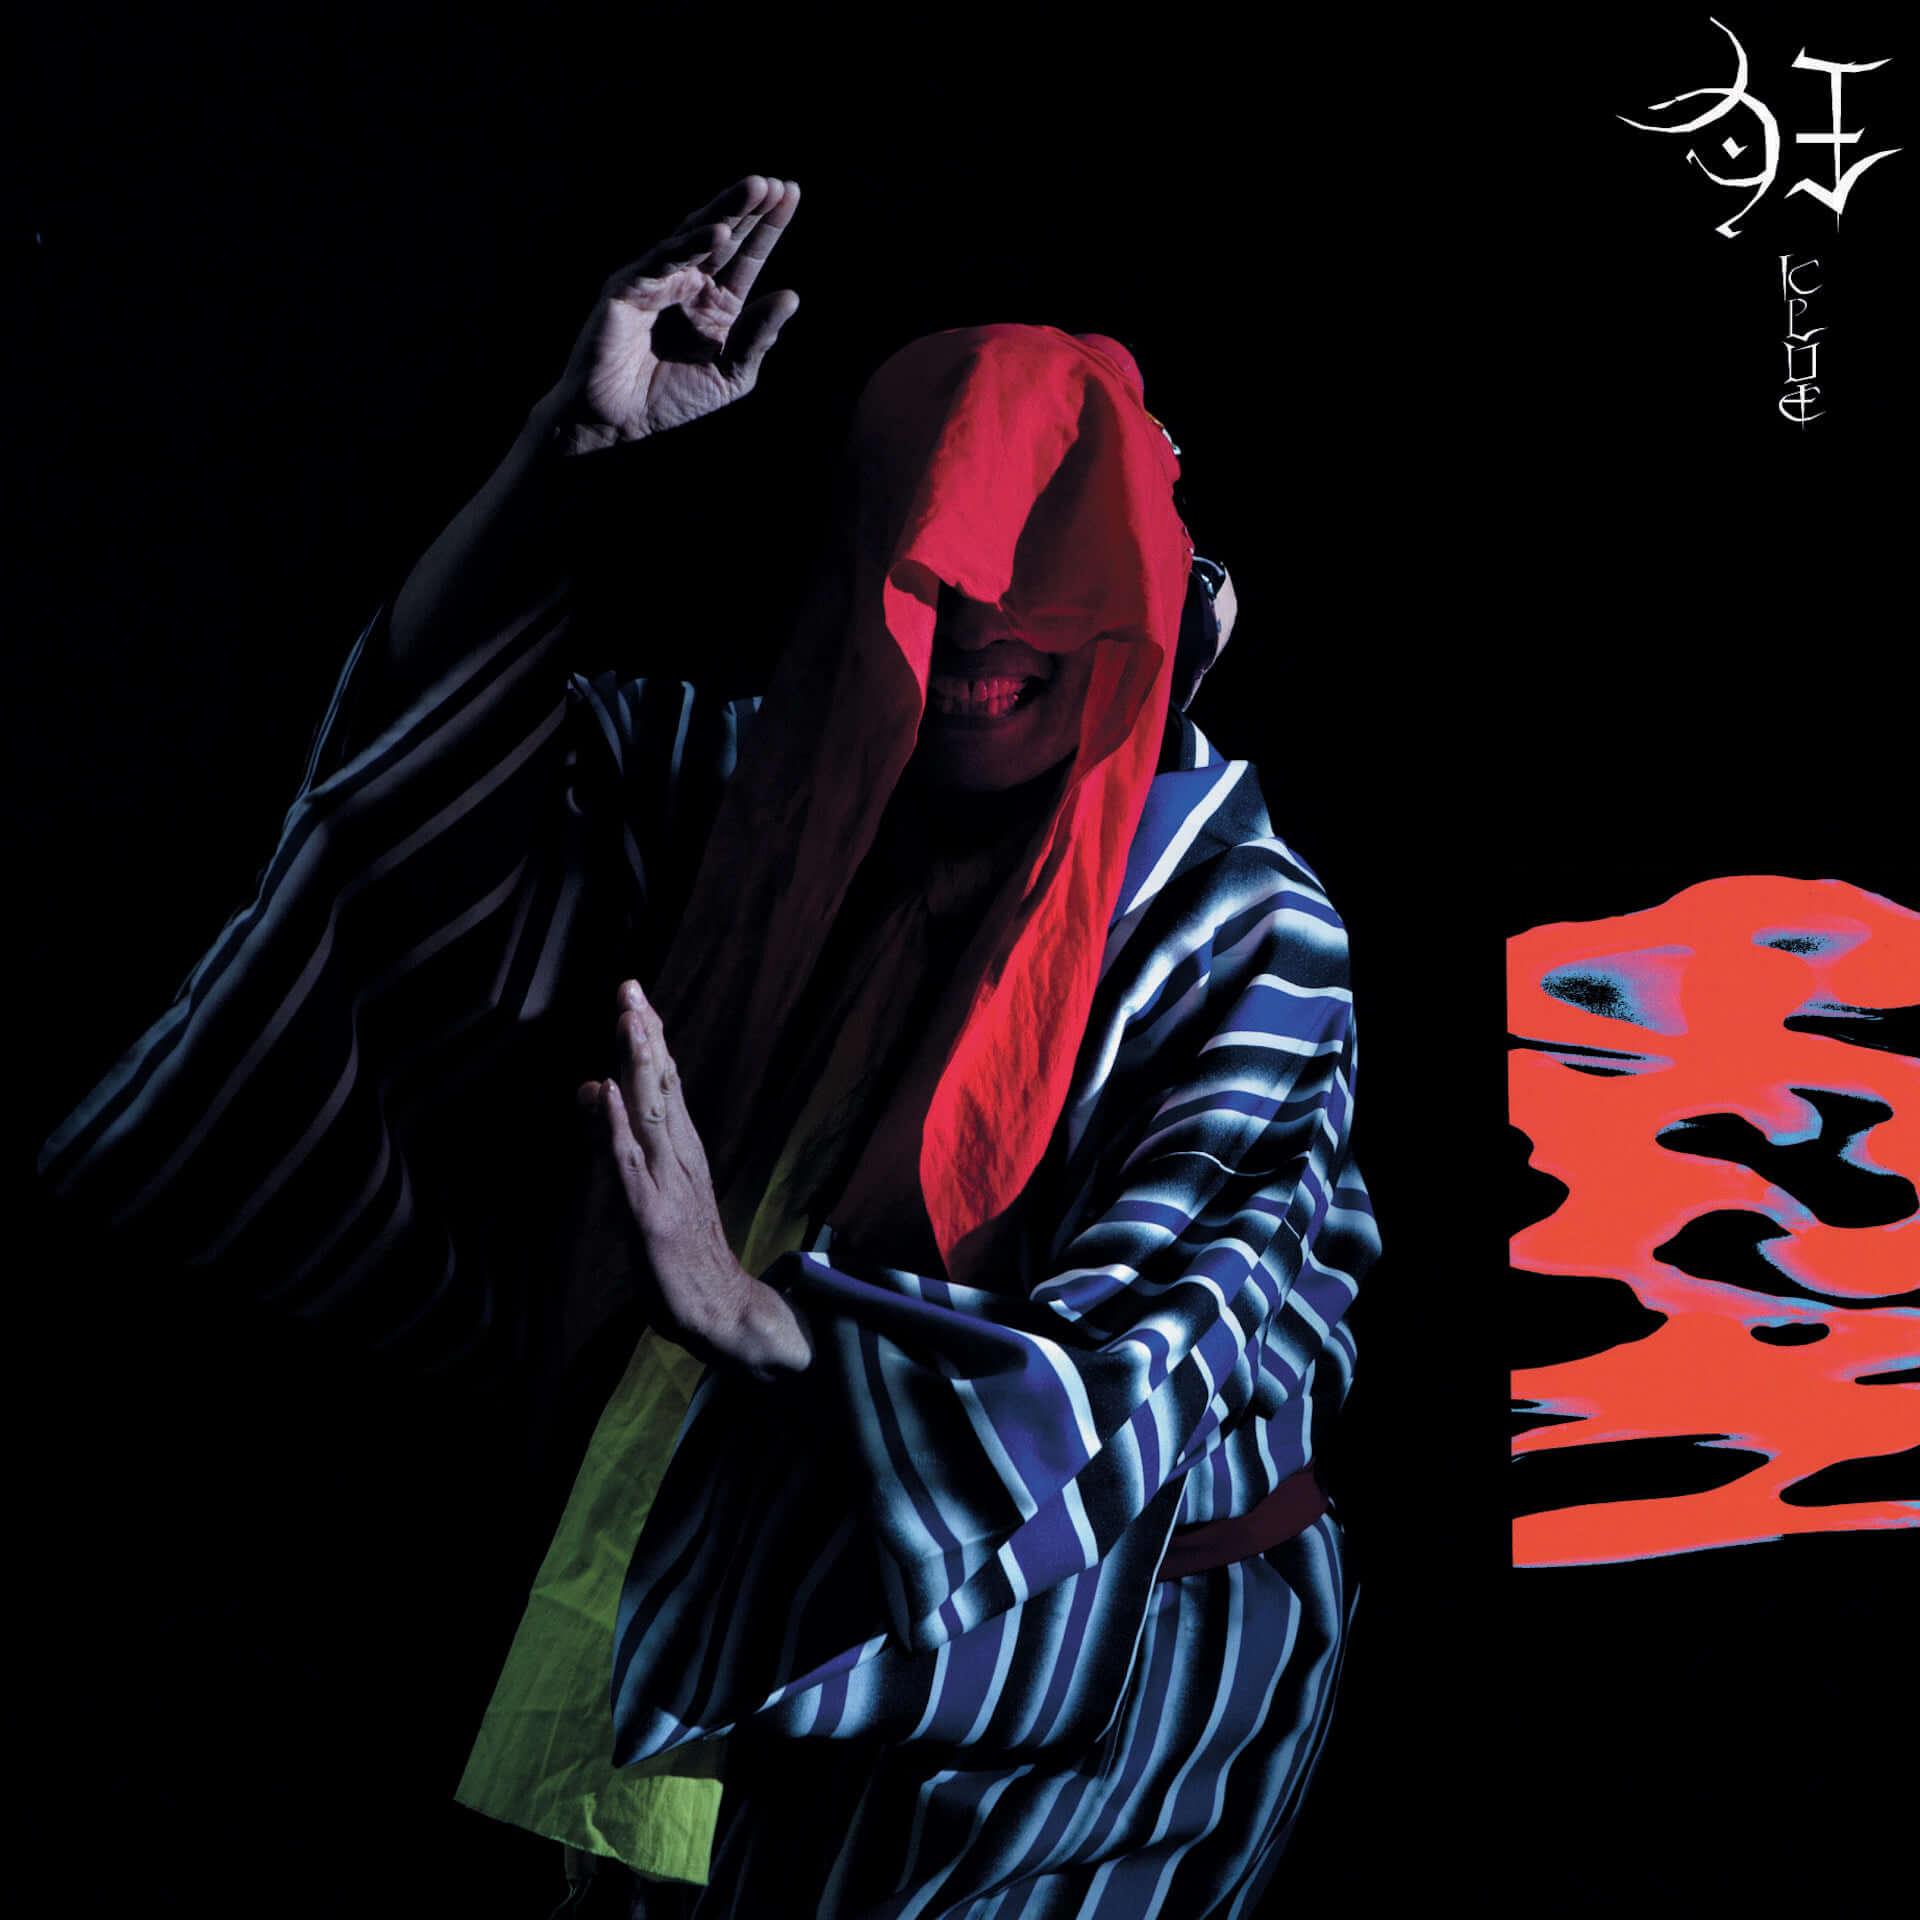 〈十三月〉作品のレコード盤が12カ月連続で発売決定!第1弾にGEZAN、THE GUAYSのアルバムが登場 music201229_jusangatsu_2-1920x1920